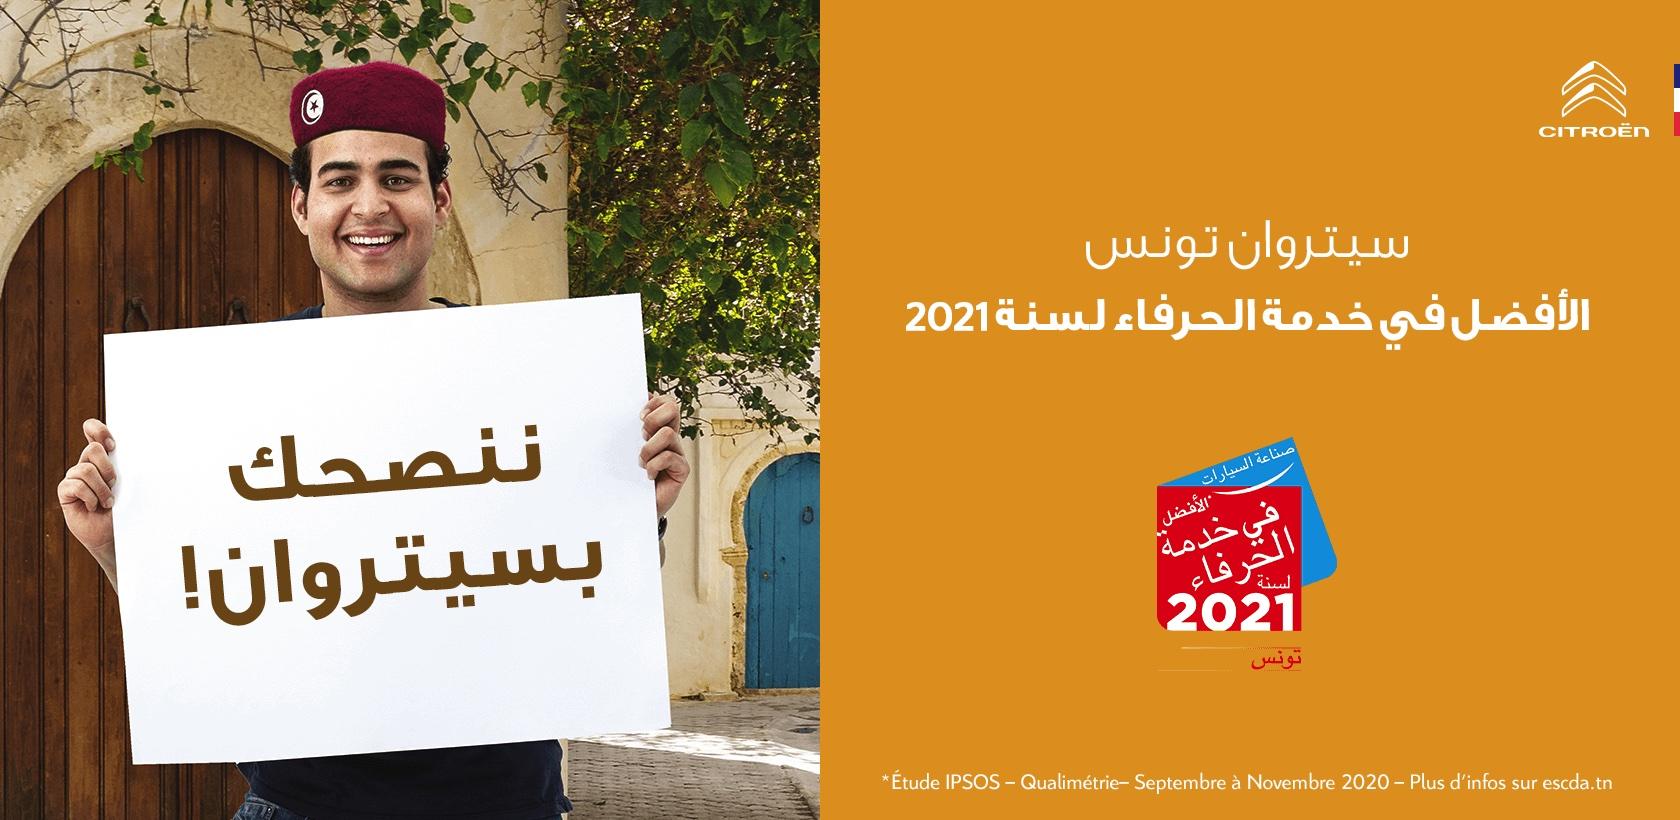 Citroën Tunisie élu Service Client de l'Année 2021